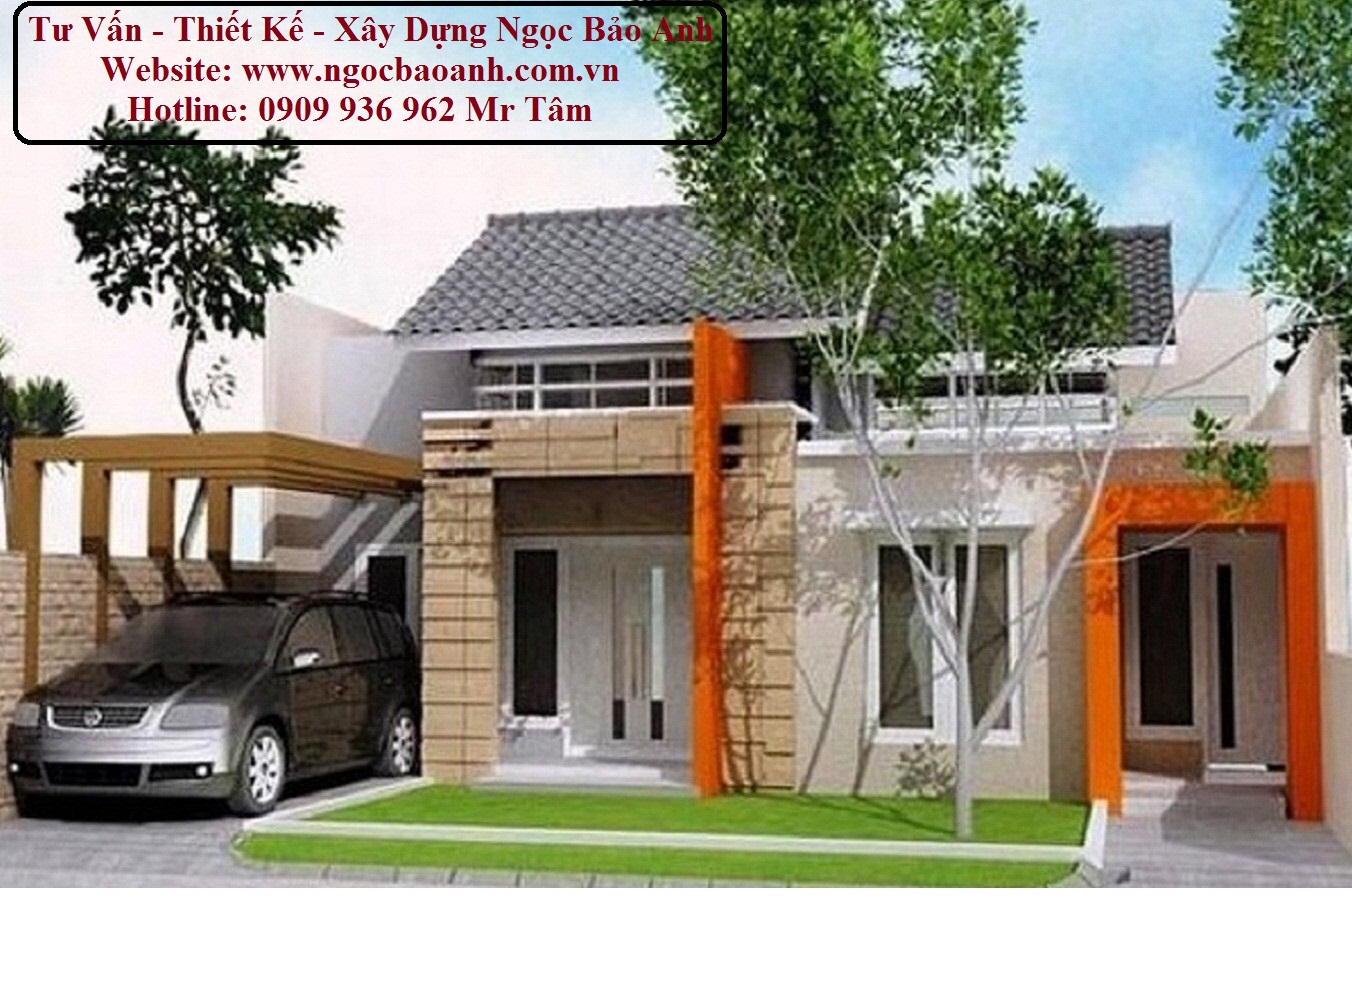 Tư vấn thiết kế xây dựng nhà ở (19)